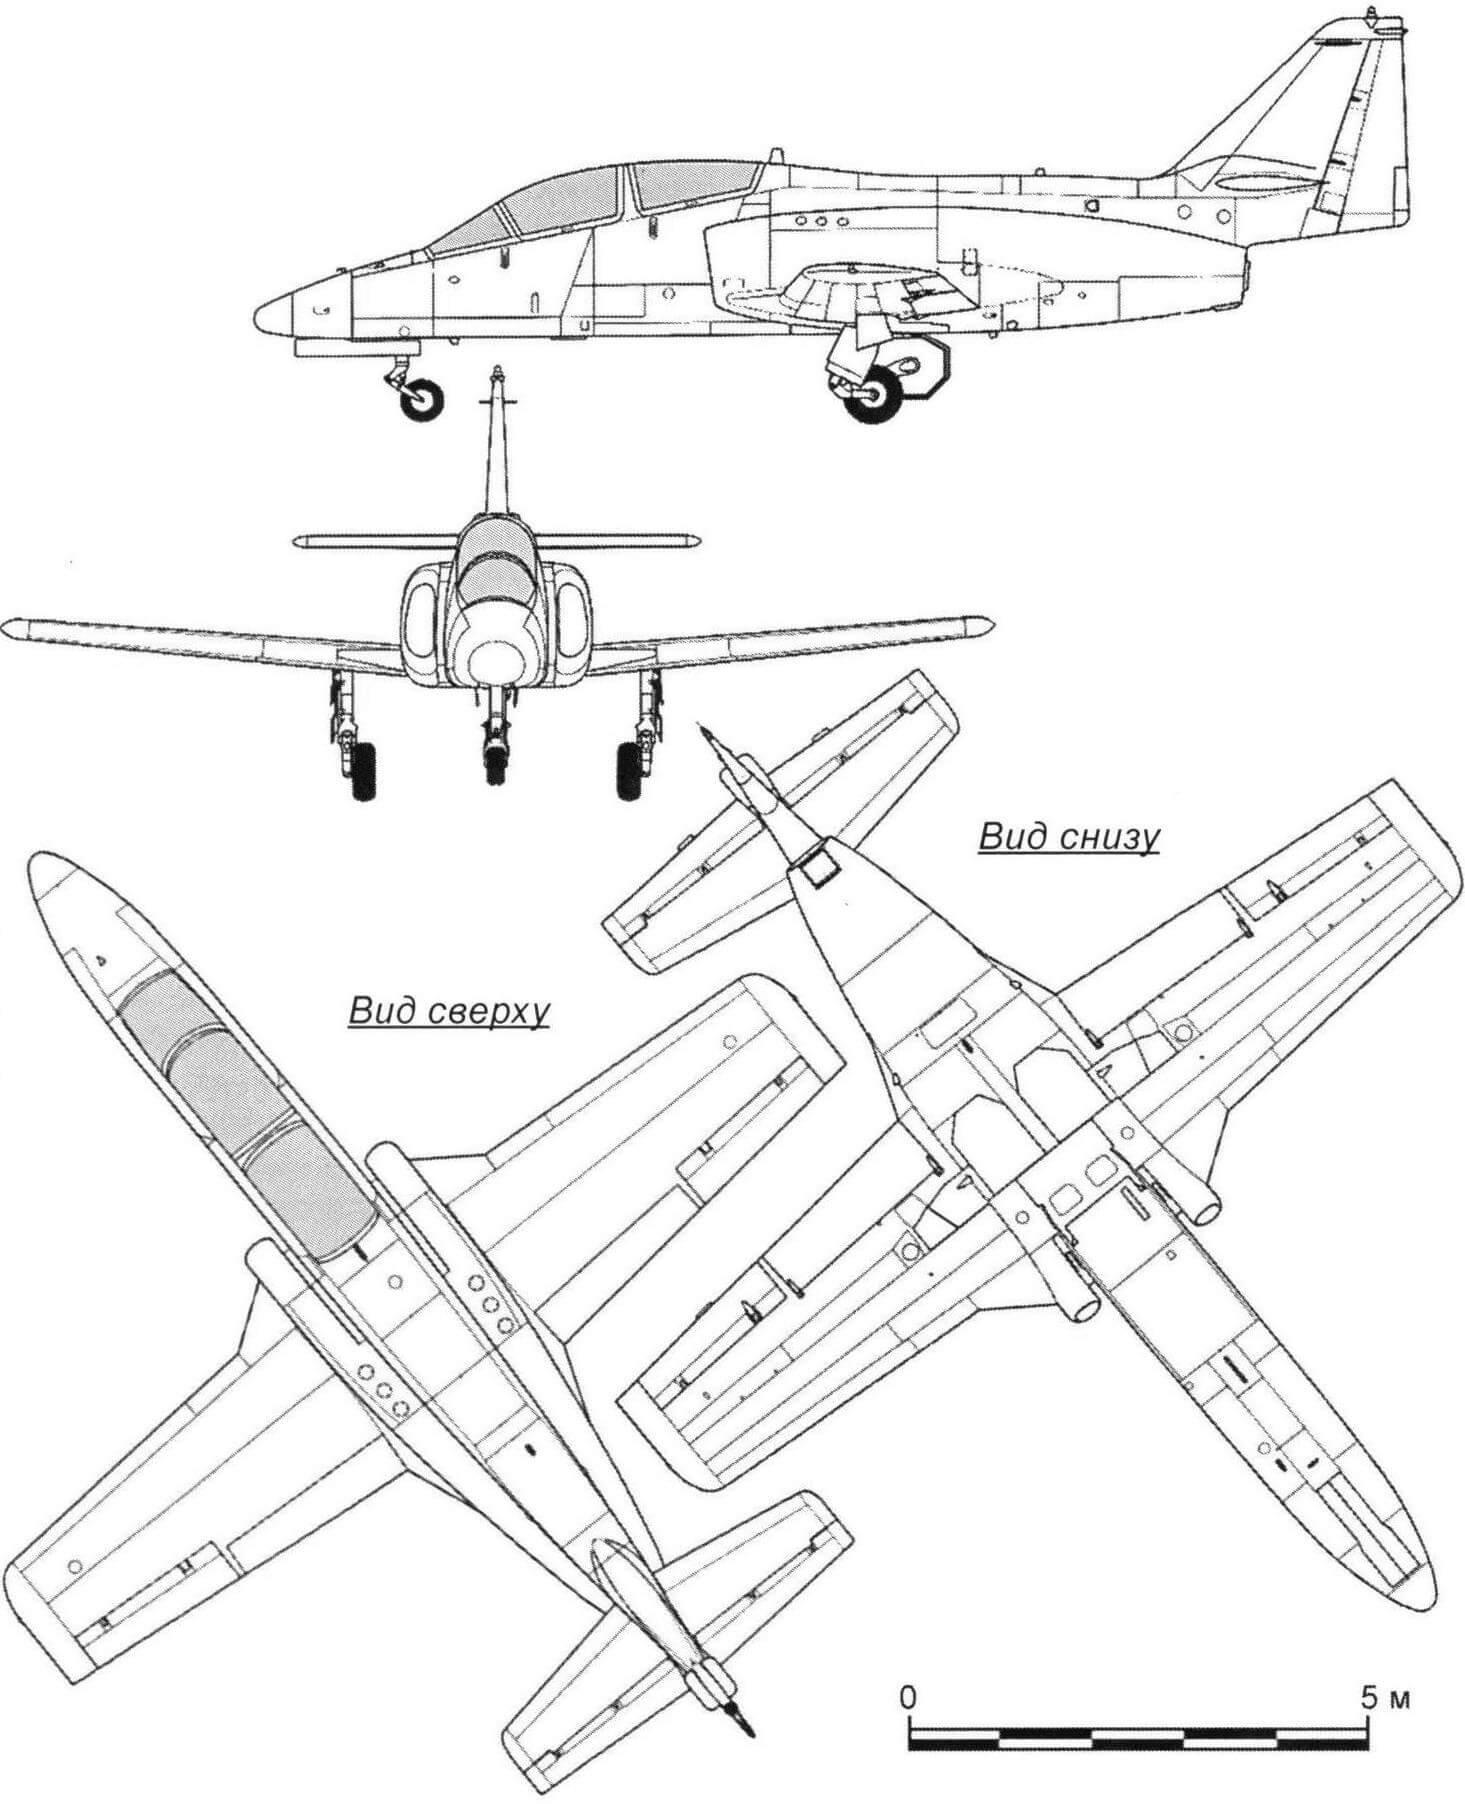 Учебно-боевой самолет CASA С.101 Aviojet